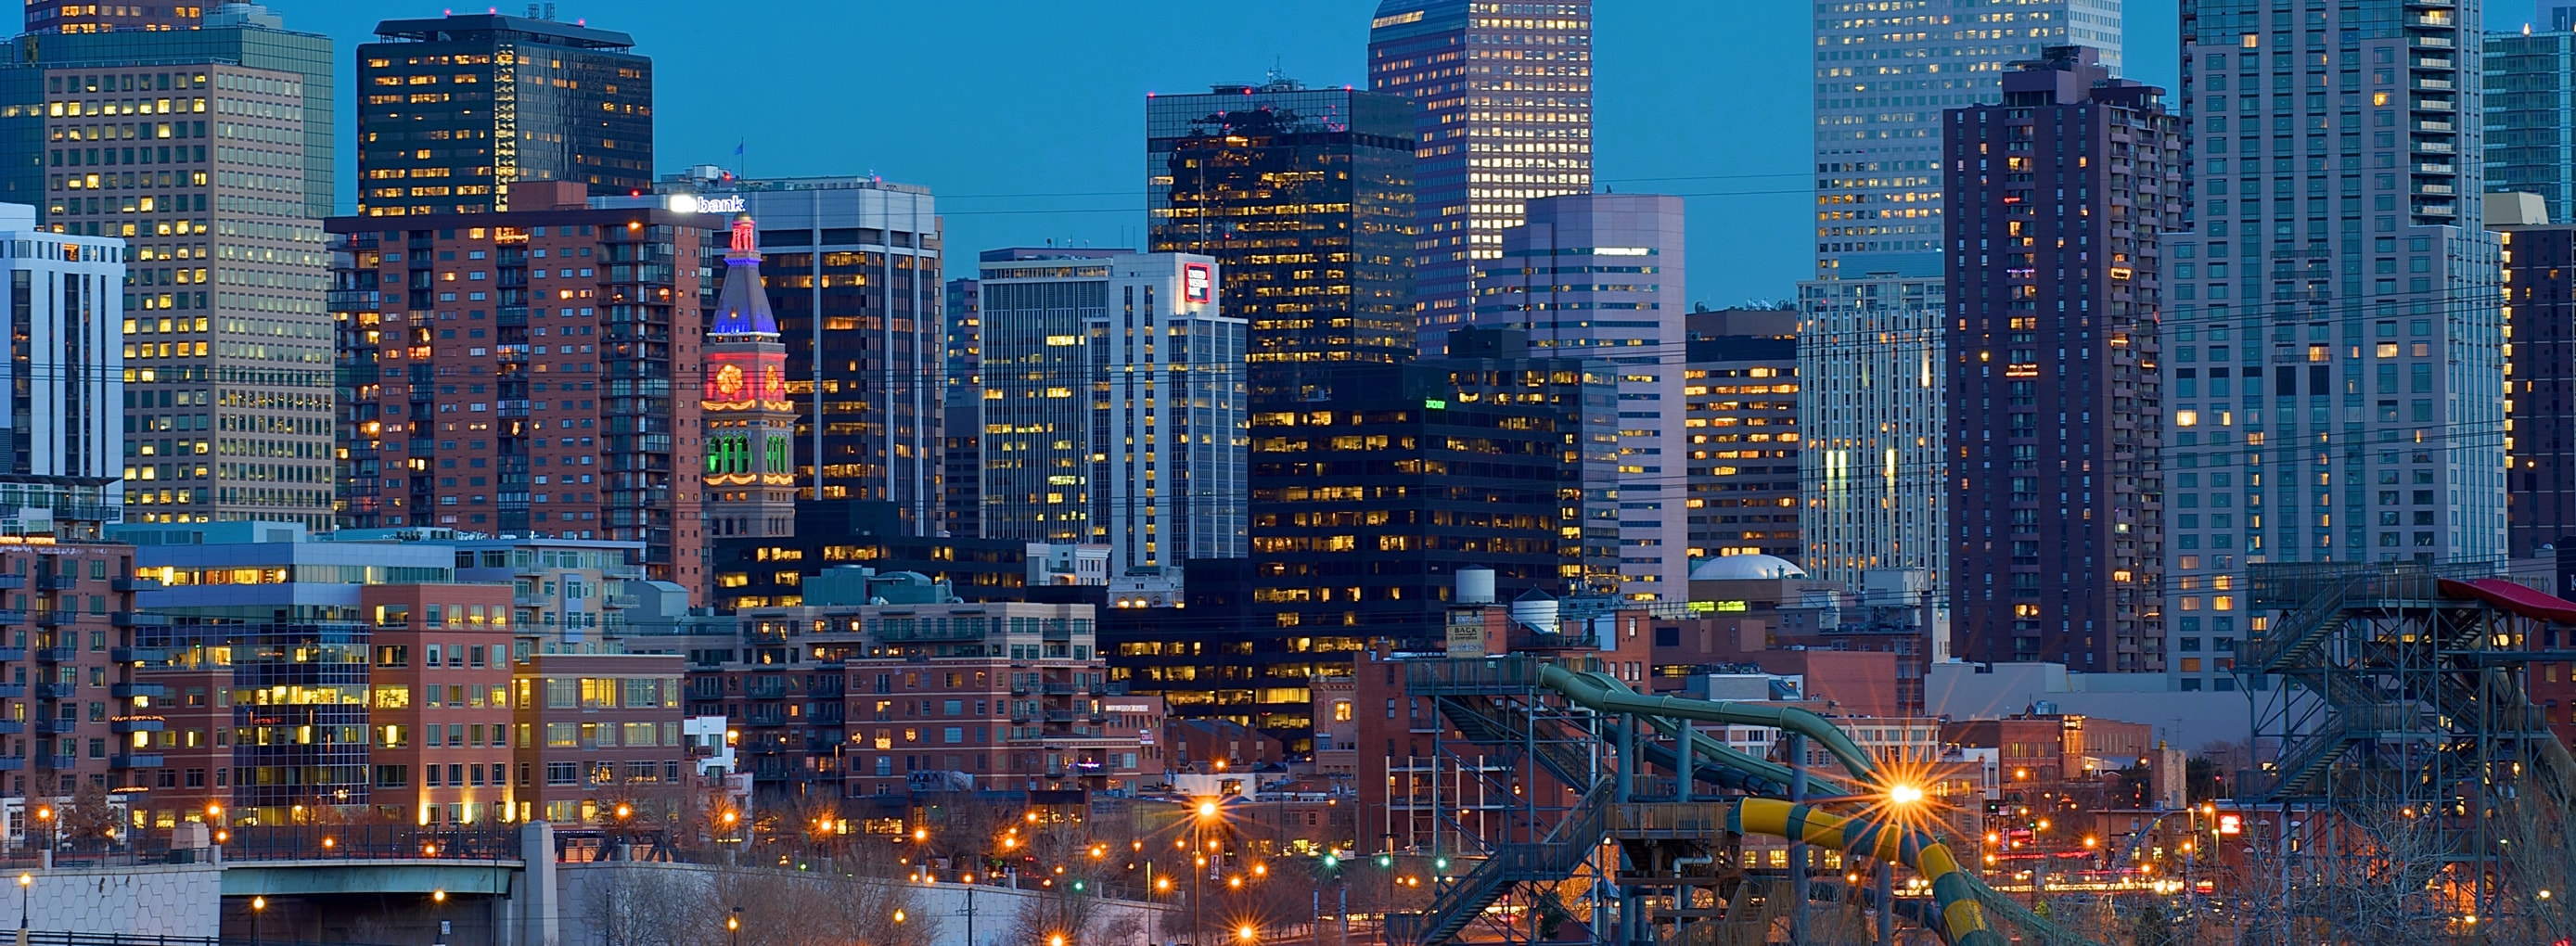 DenverTwilightSkyline_2777x1020-min